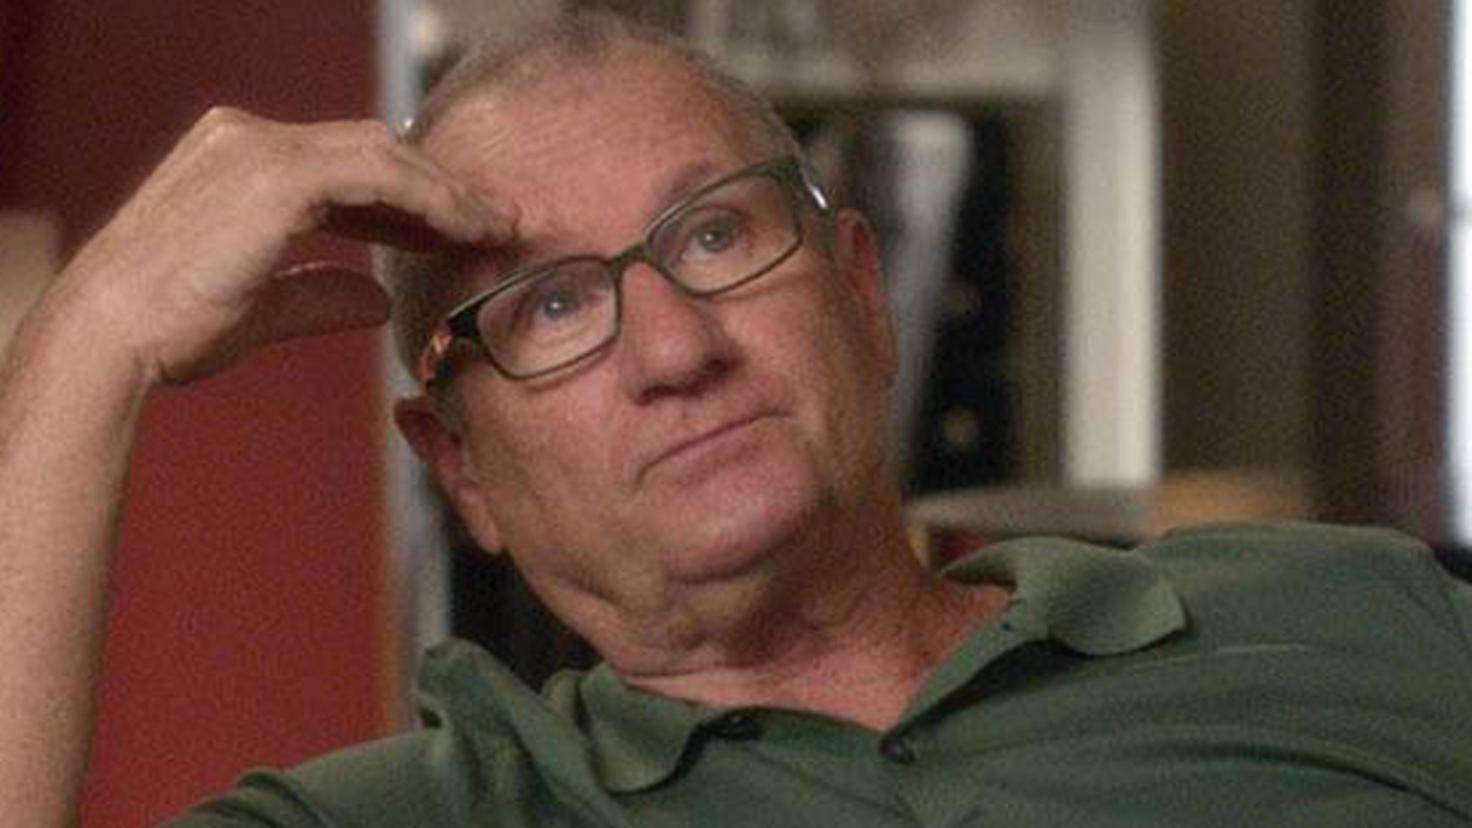 Stets leicht resigniert: Ed O'Neill in typischer Pose.